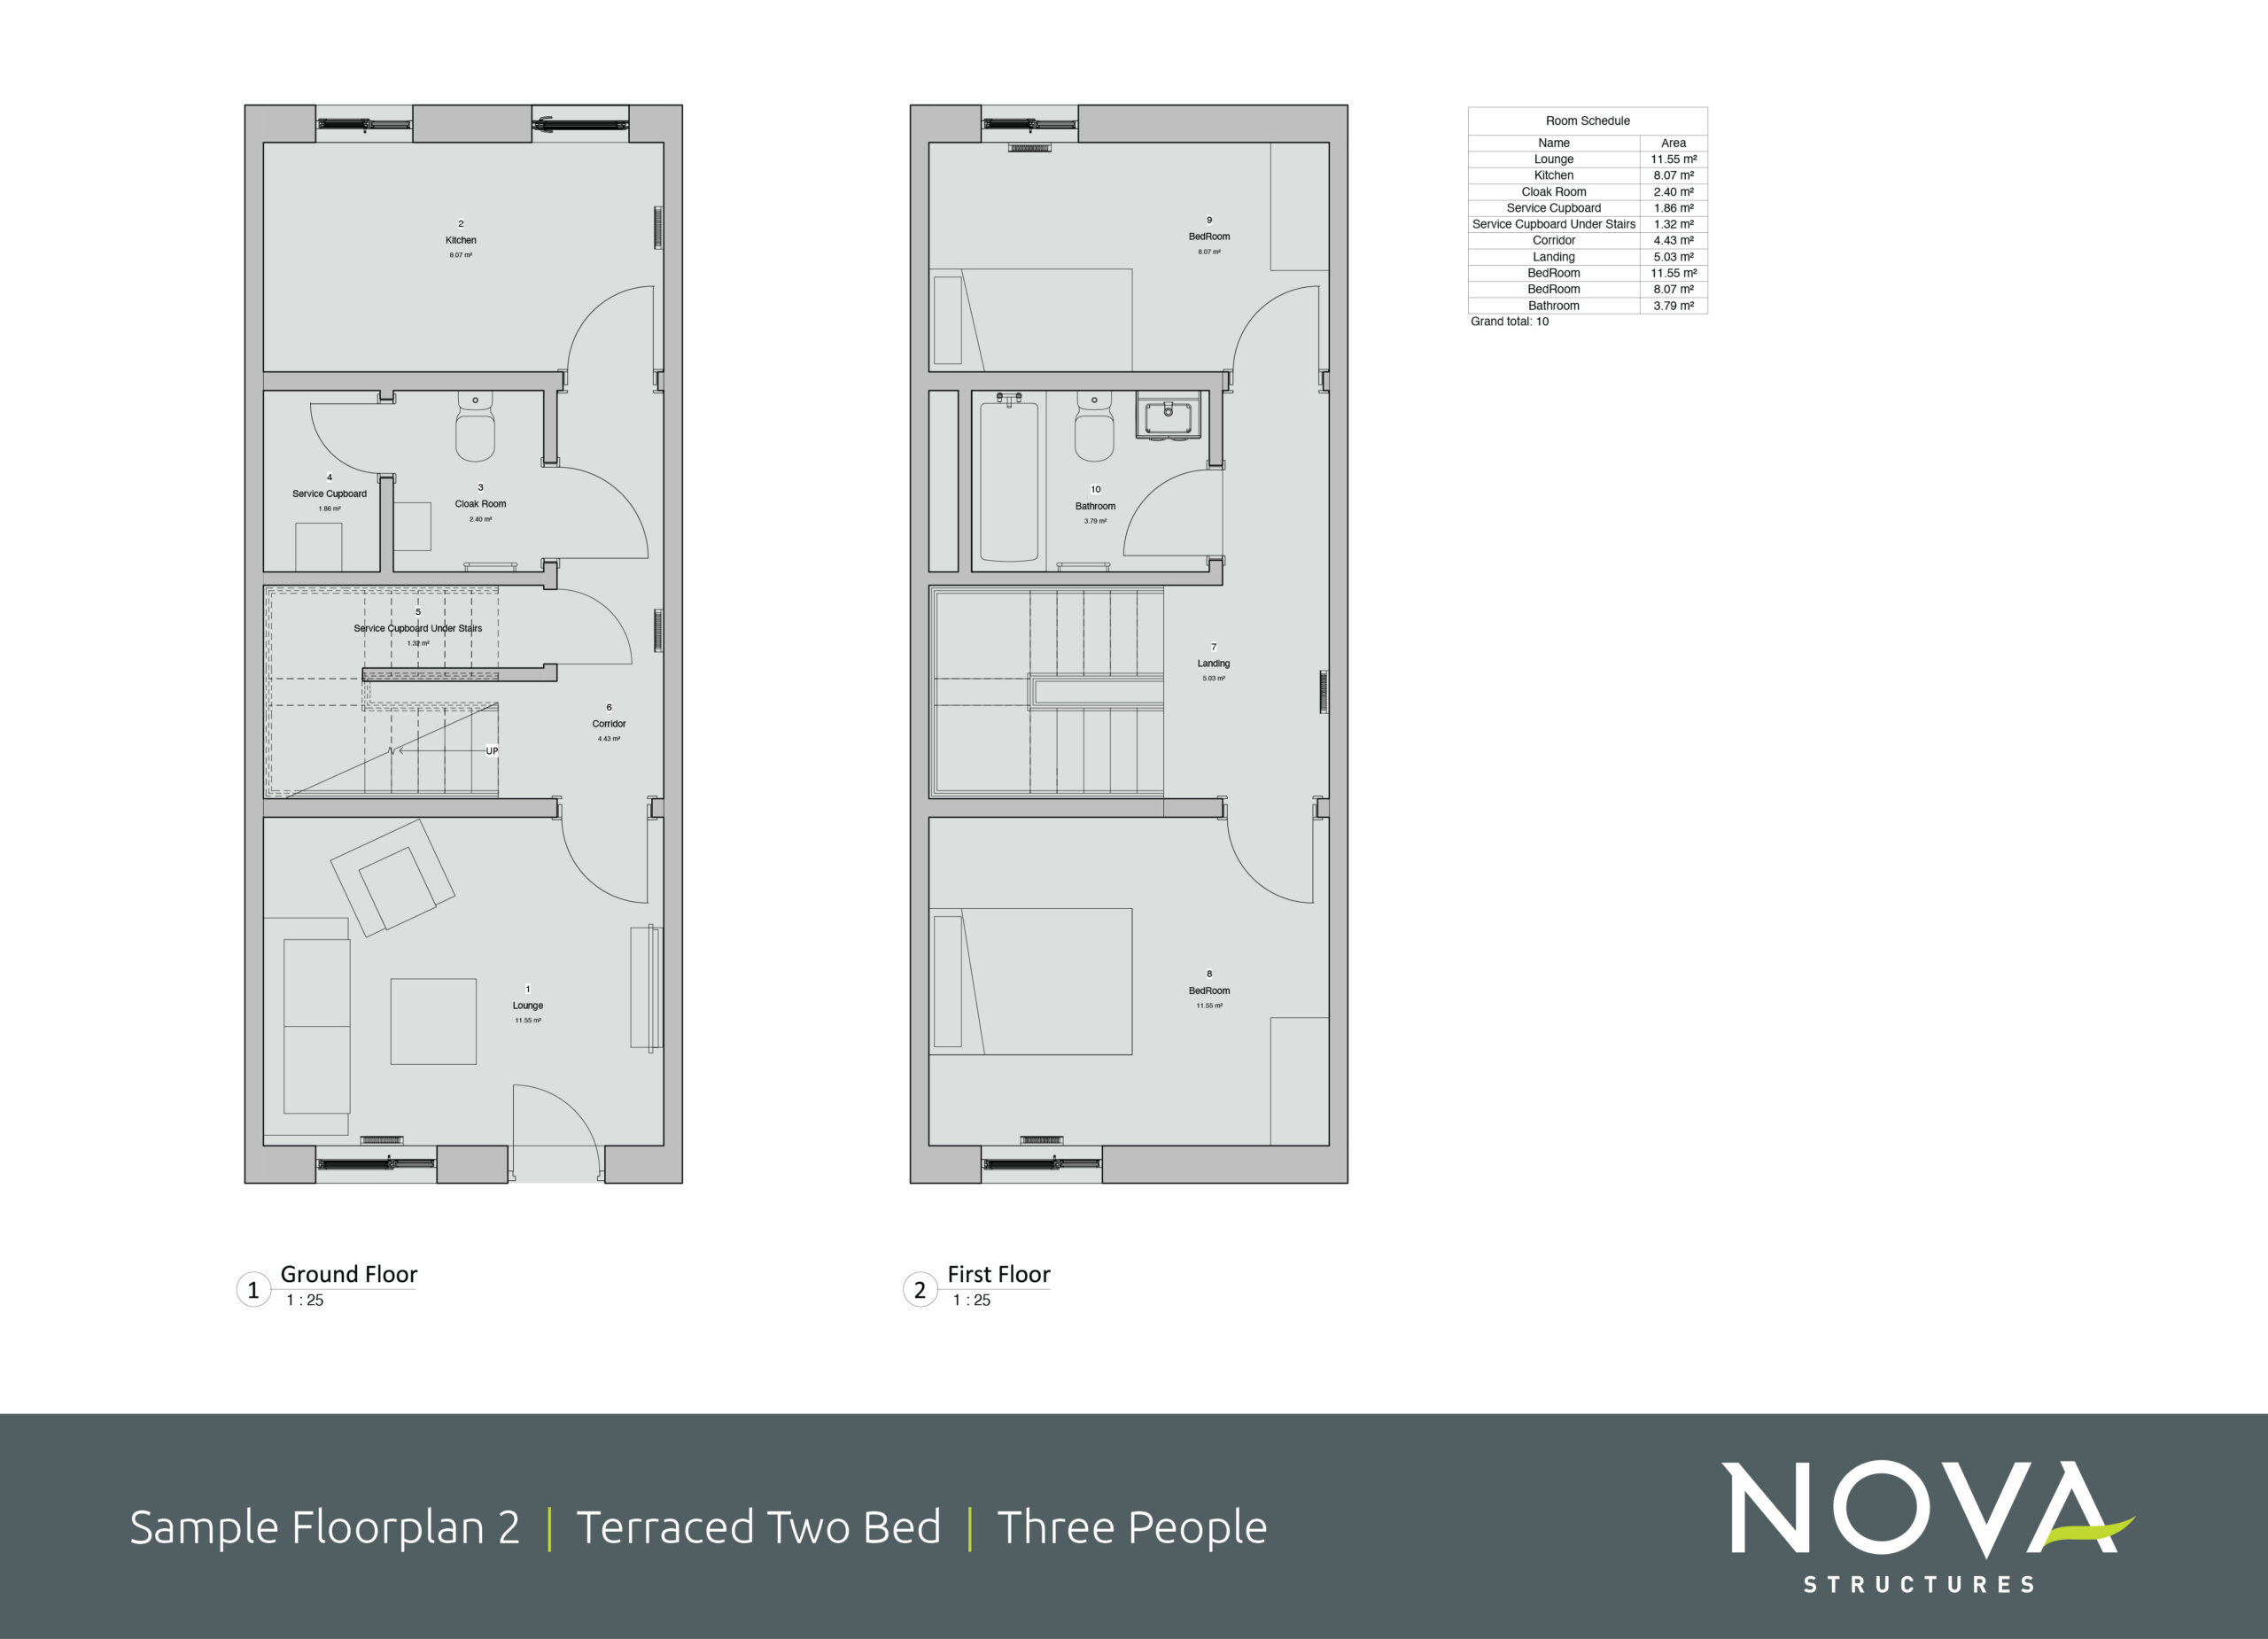 Sample Floorplan -02